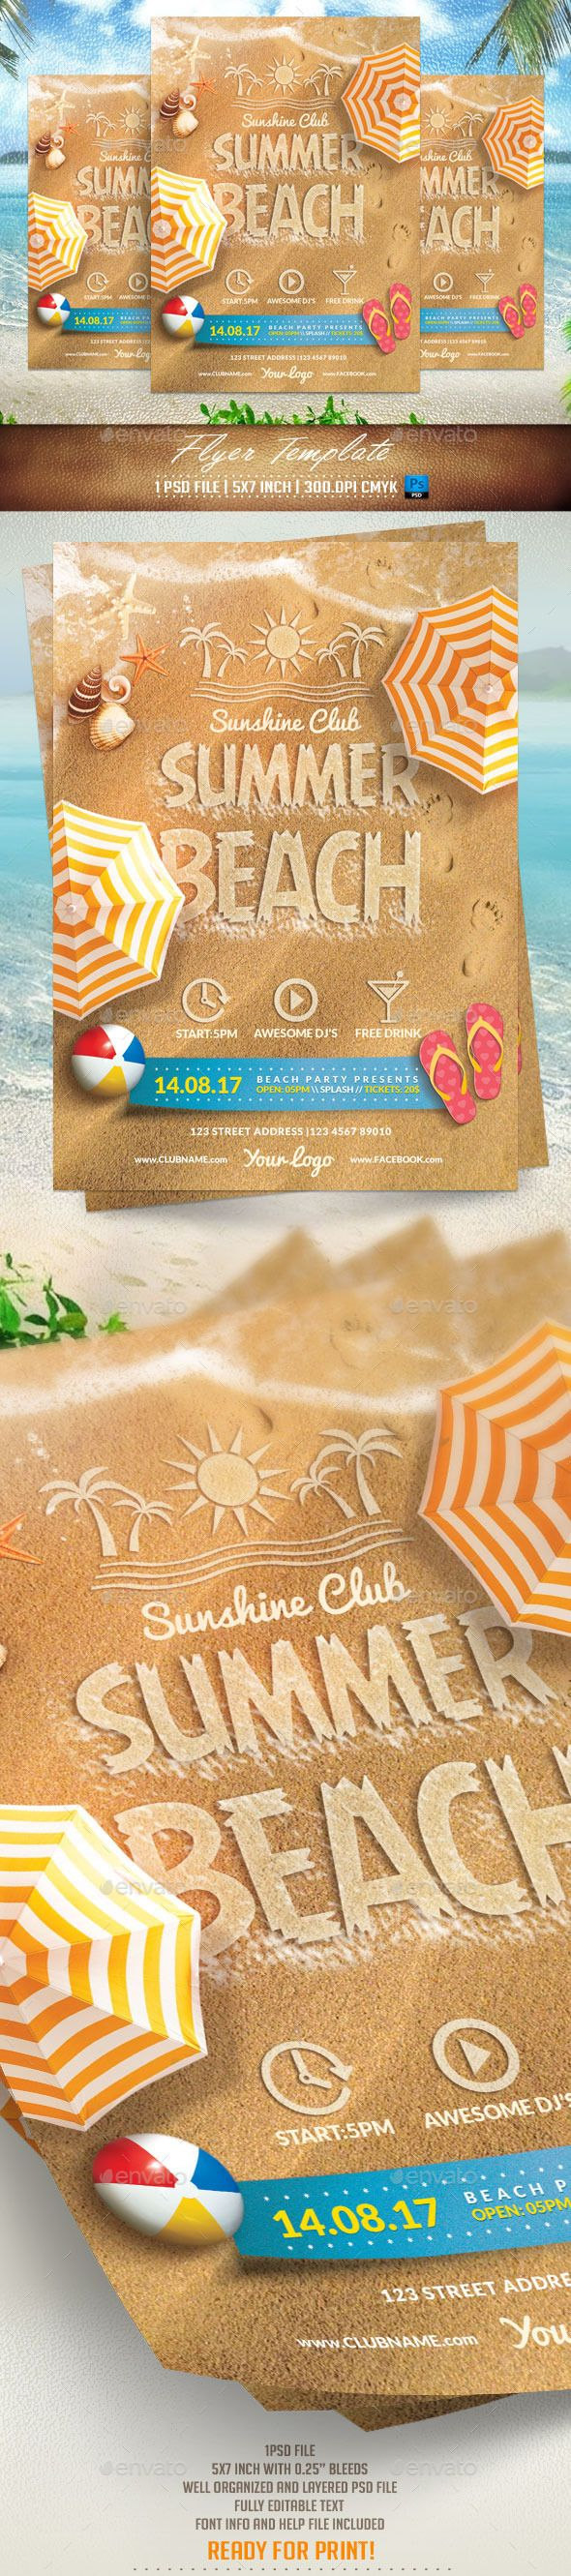 Summer Beach Flyer Template #design Download: http://graphicriver.net/item/summer-beach-flyer-template/11400273?ref=ksioks